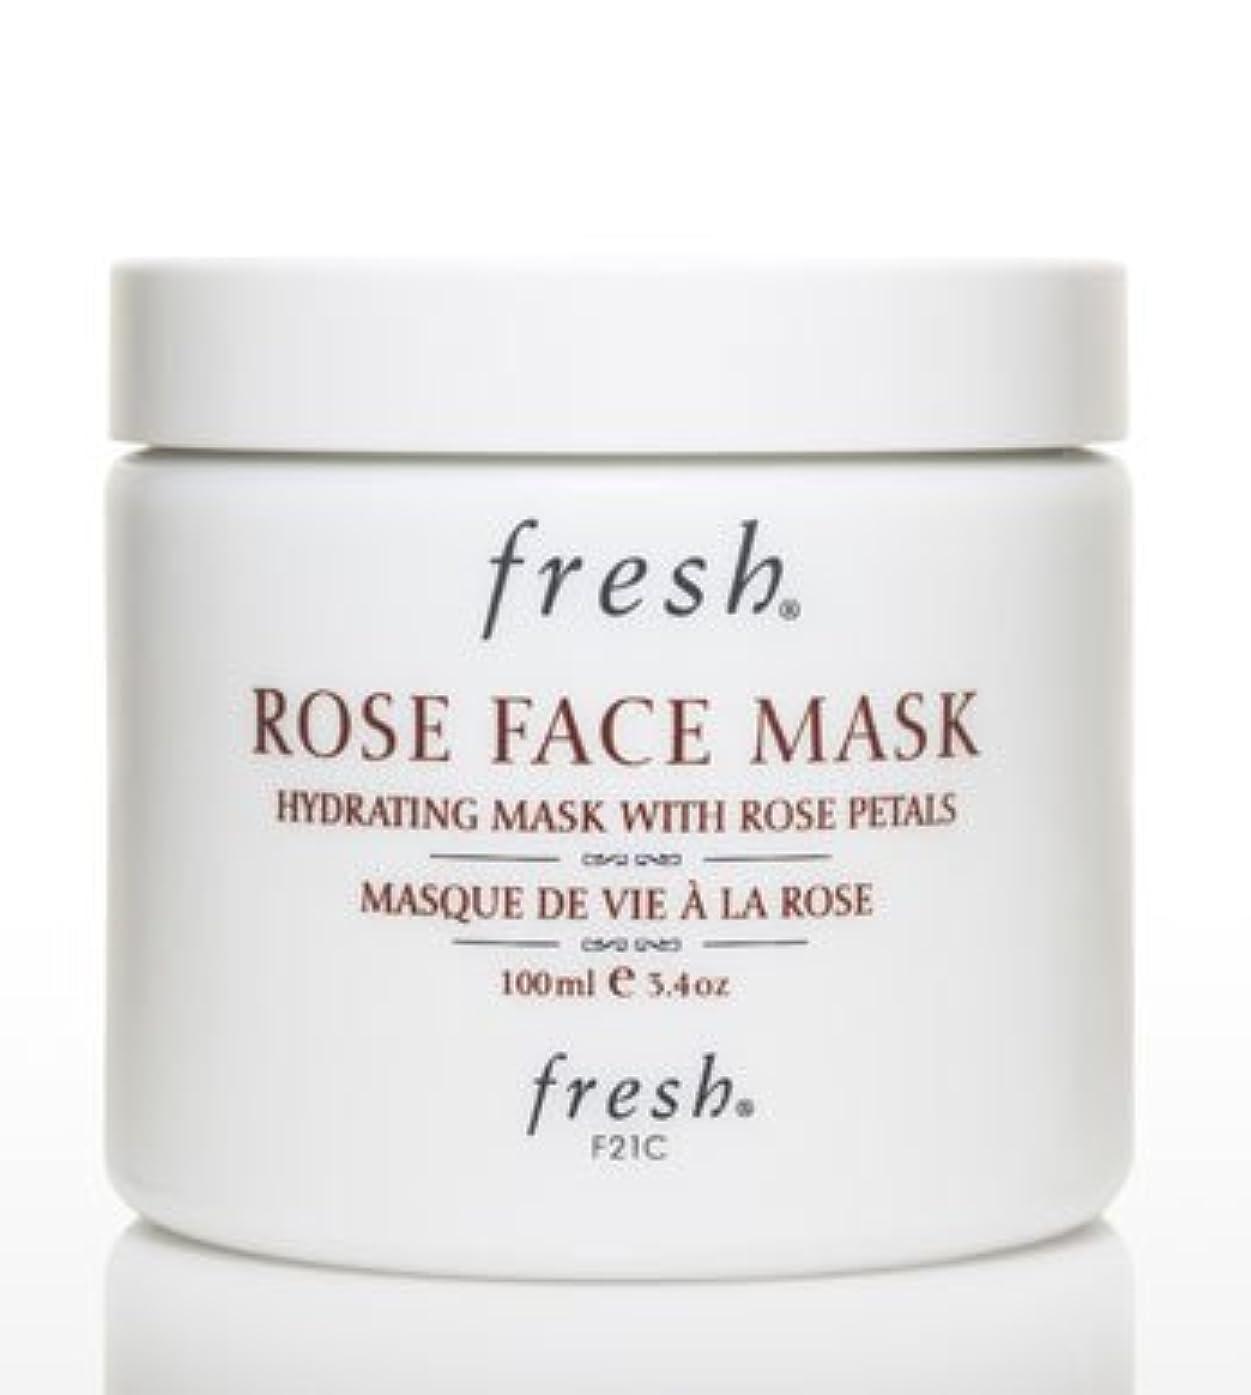 関与する物理的にアプトFresh ROSE FACE MASK (フレッシュ ローズフェイスマスク) 3.4 oz (100g) by Fresh for Women